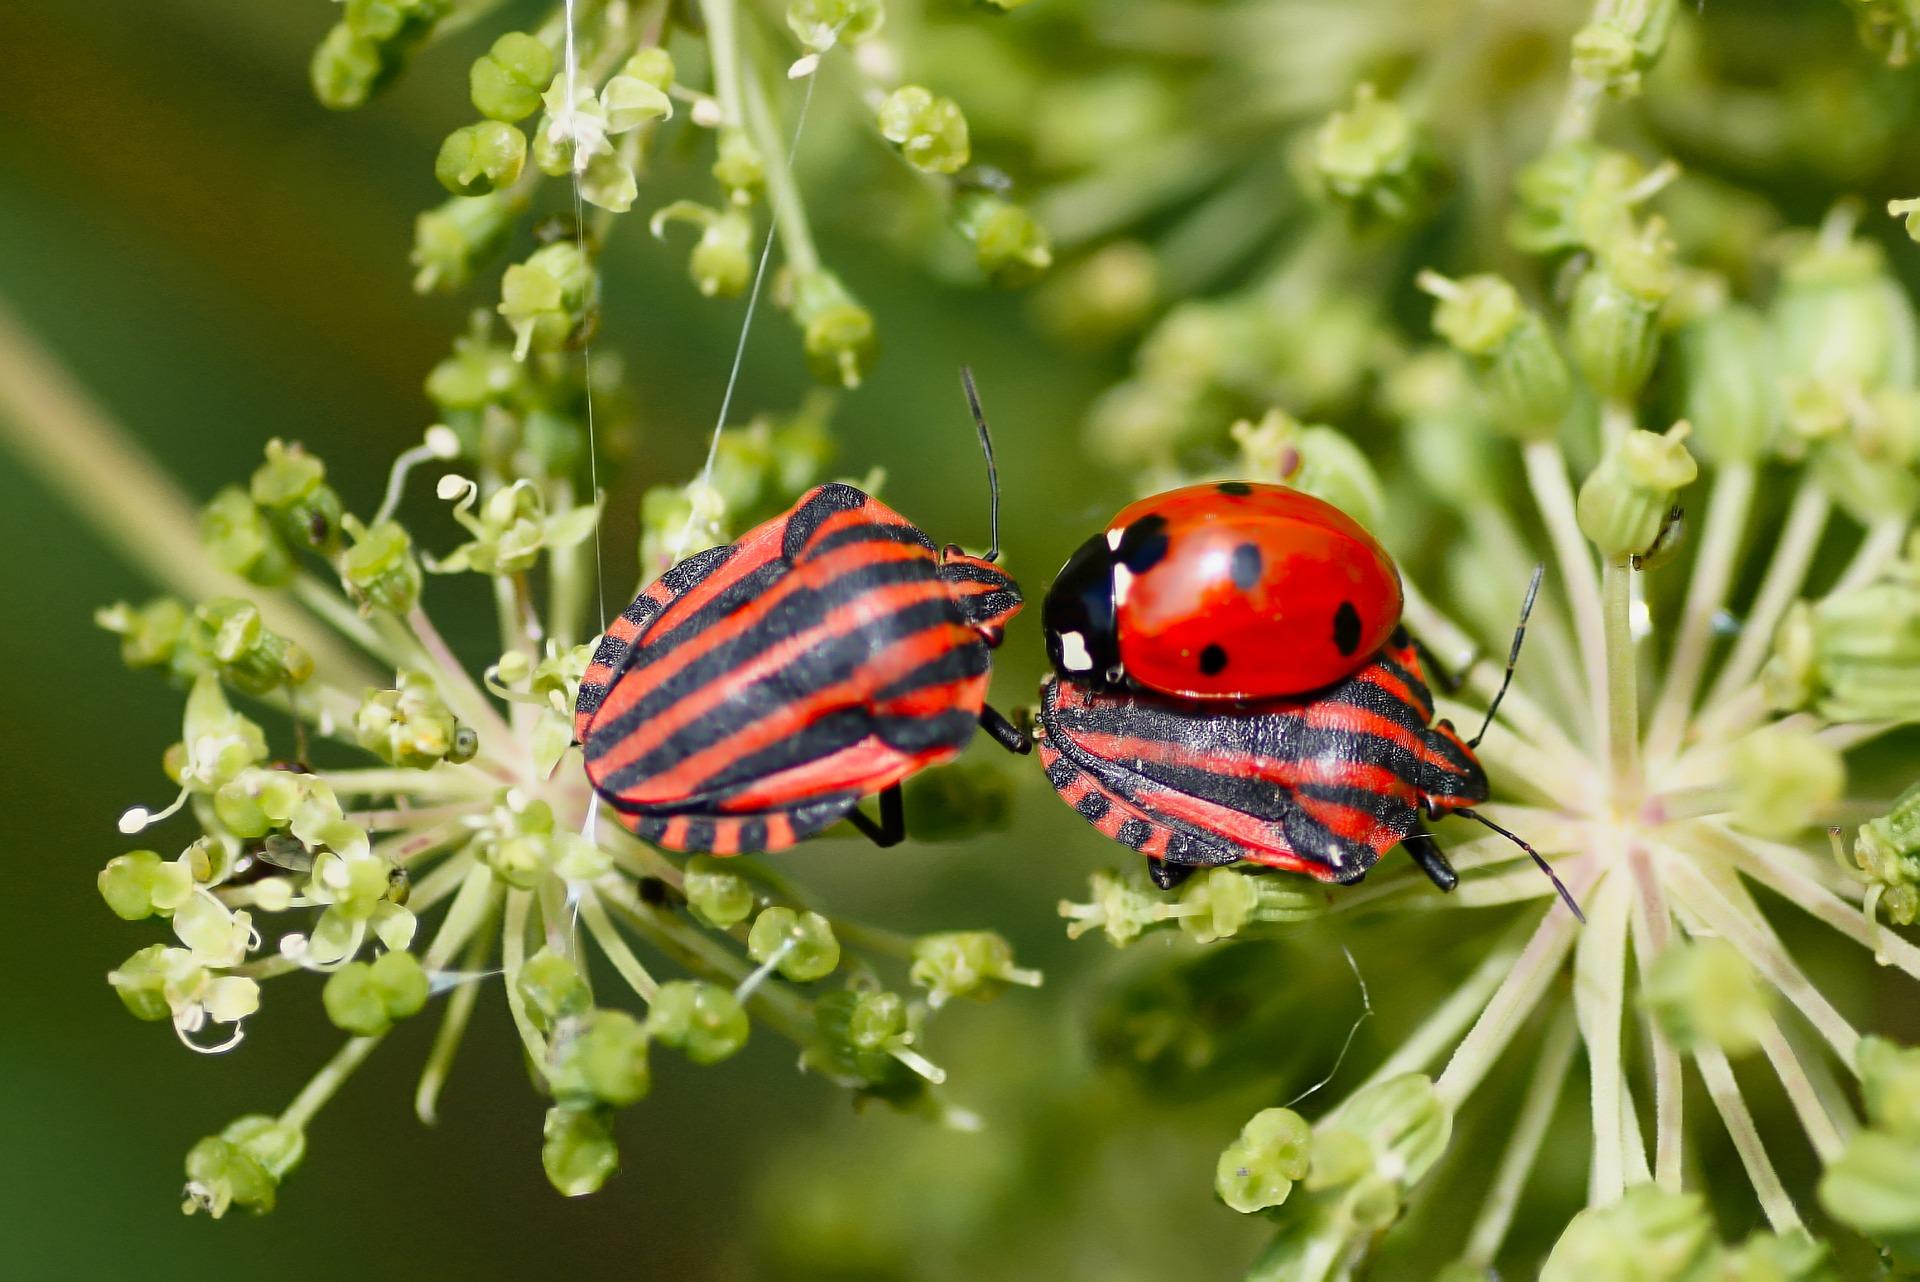 El impacto negativo sobre la biodiversidad se duplicaría si la temperatura crece 0,5 grados centígrados